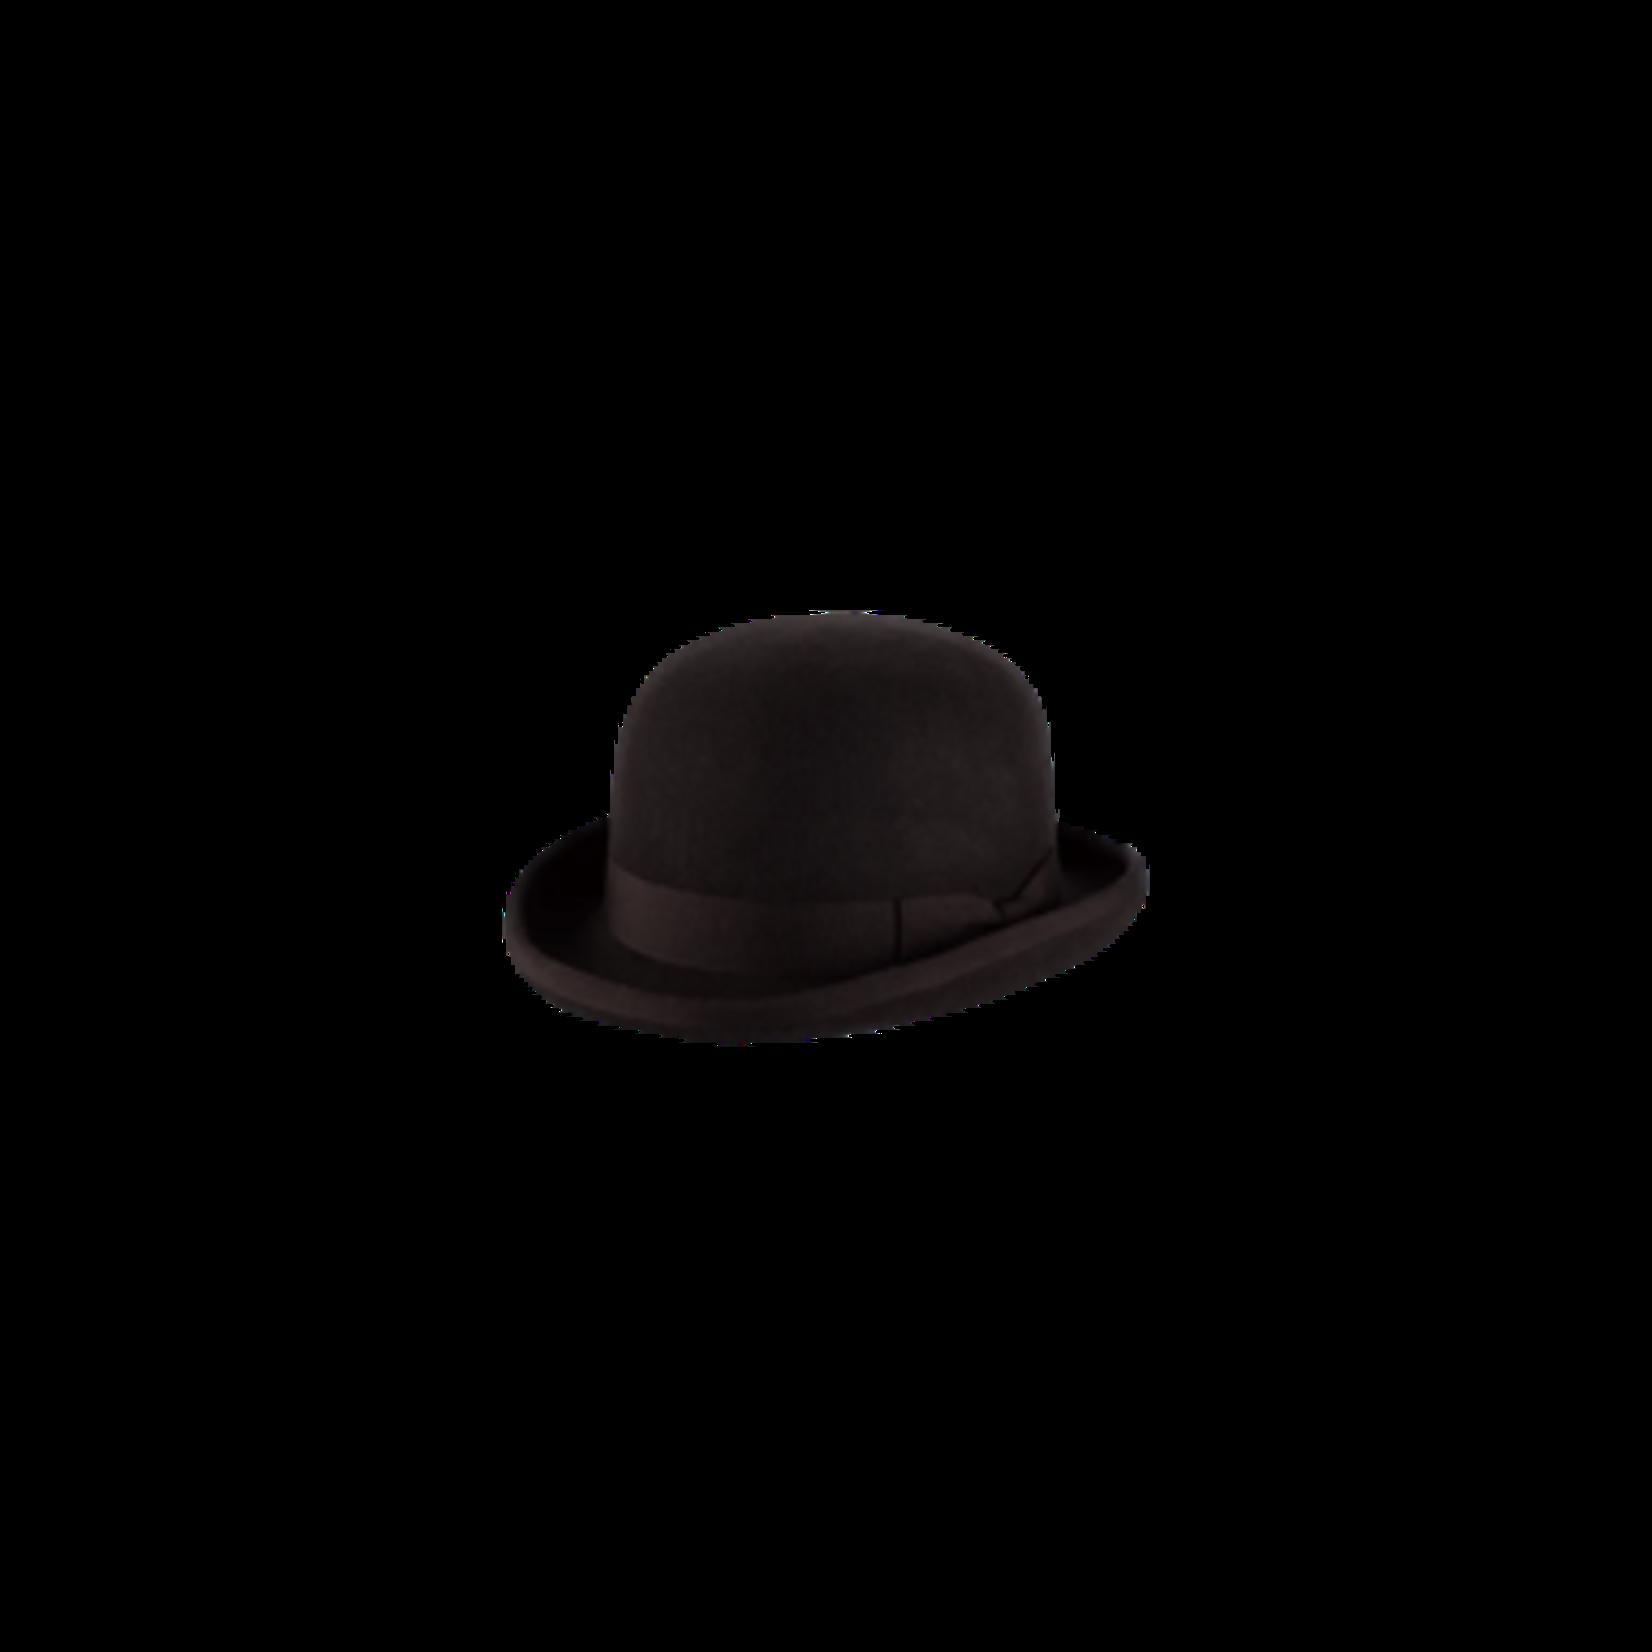 TIMOTHY OULTON BOWLER HAT REPLICA